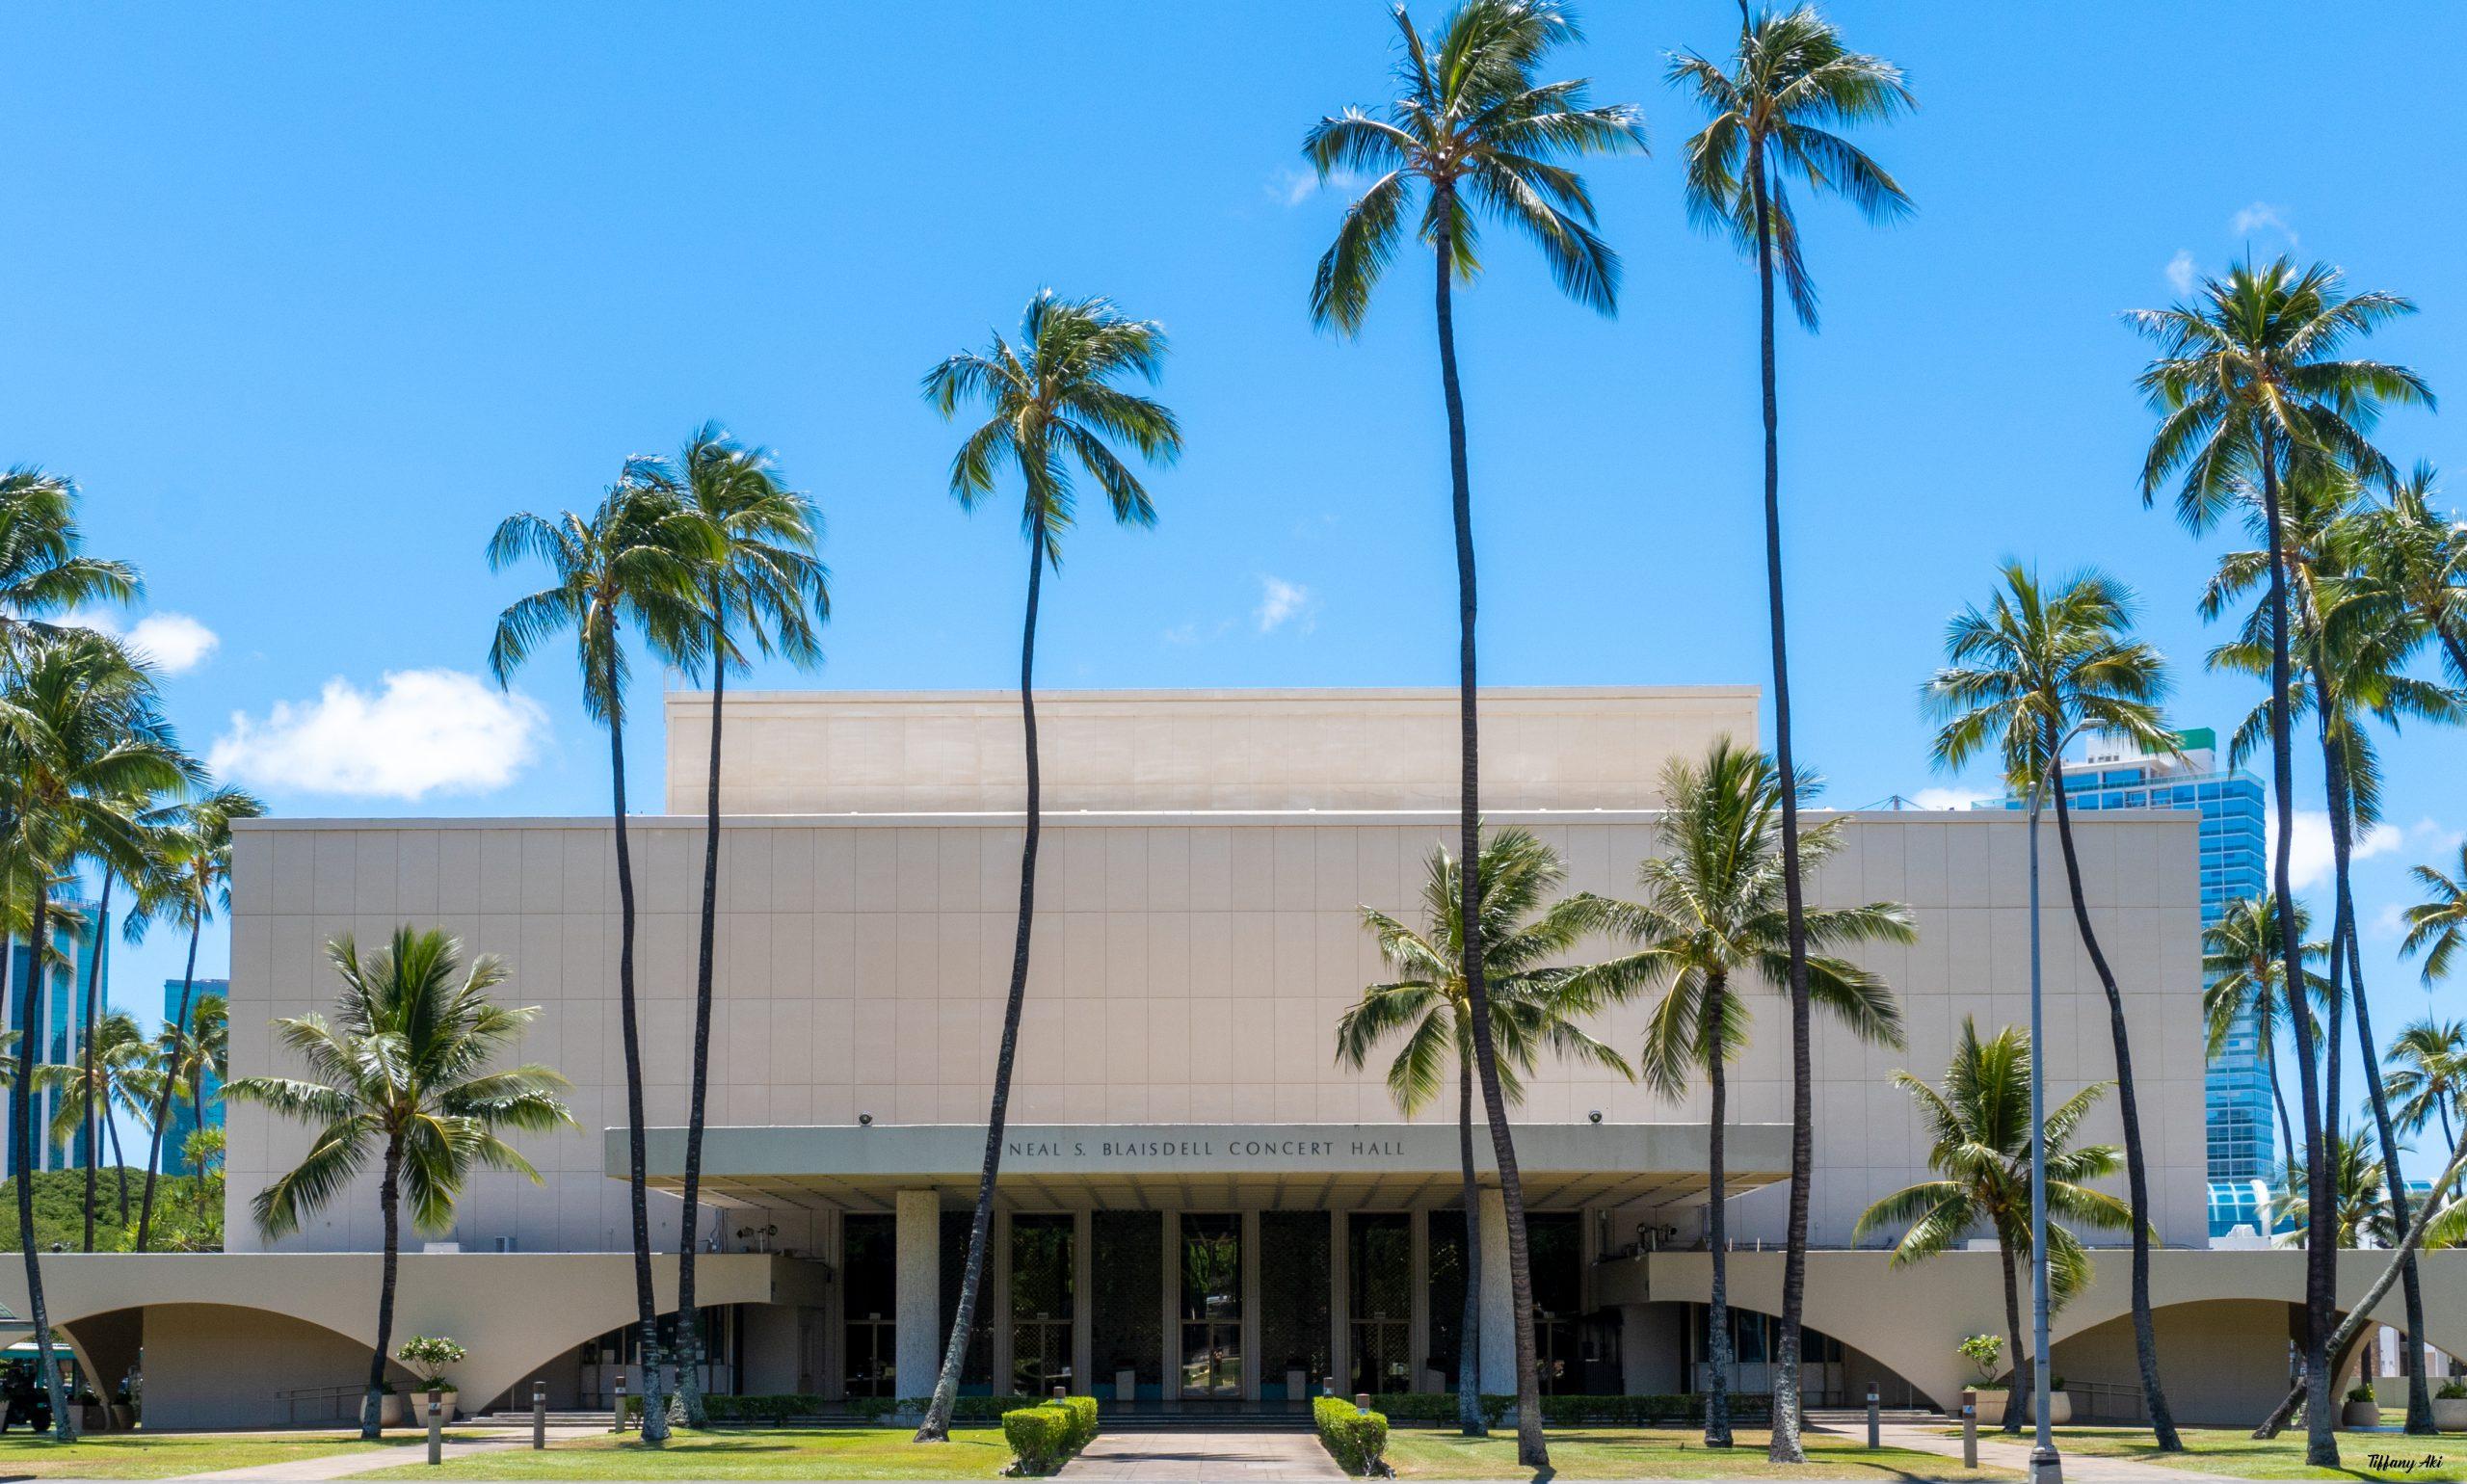 blaisdell concert hall